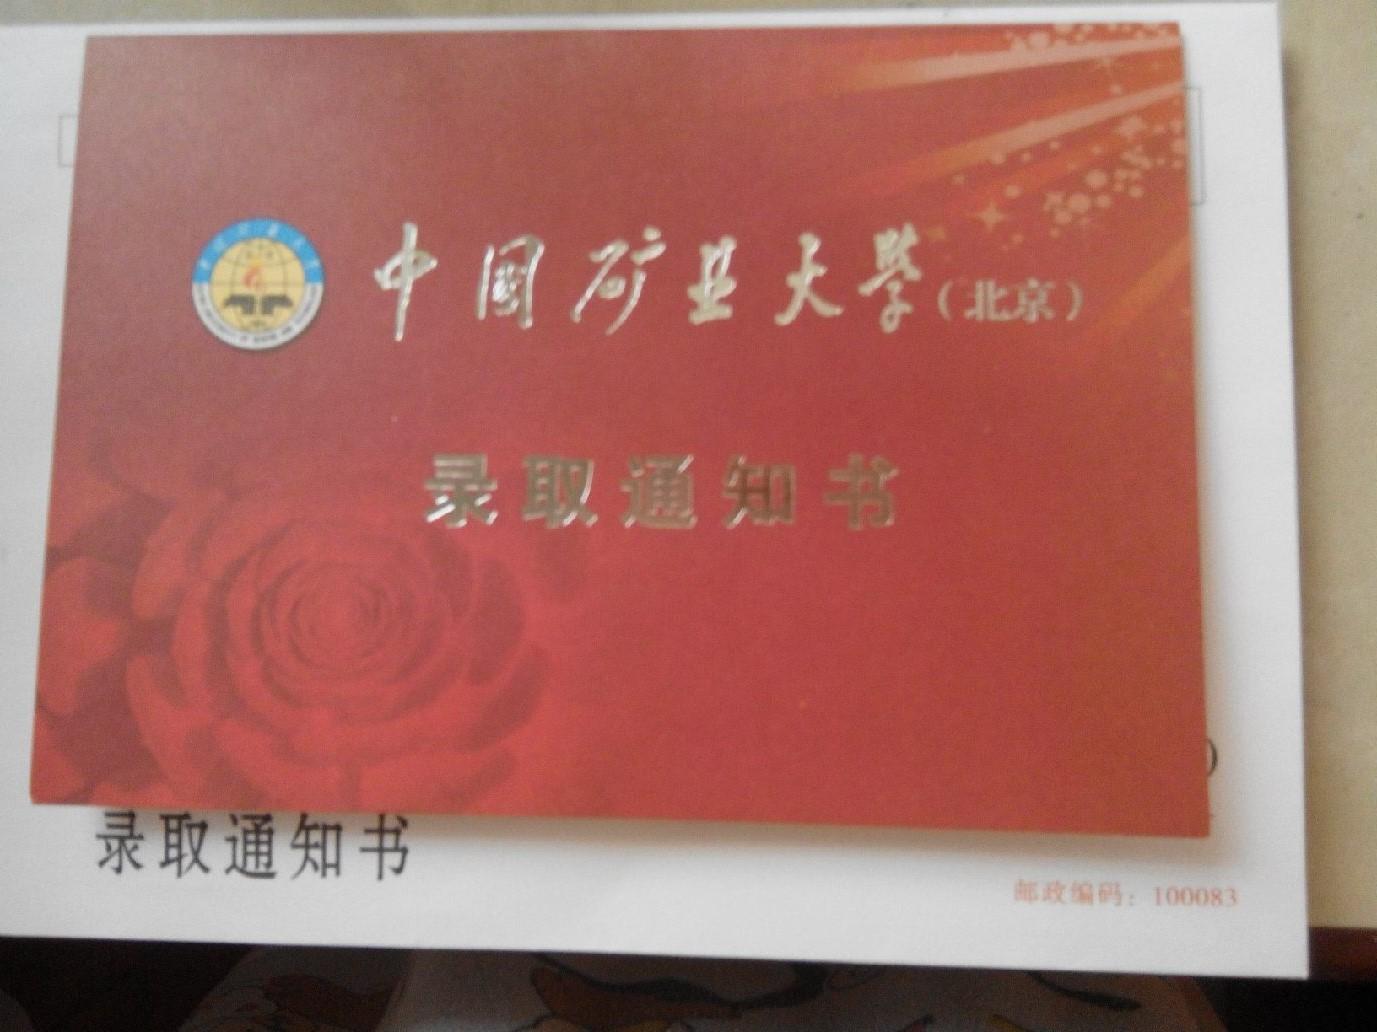 兴趣定位中国矿业大学成功被录取